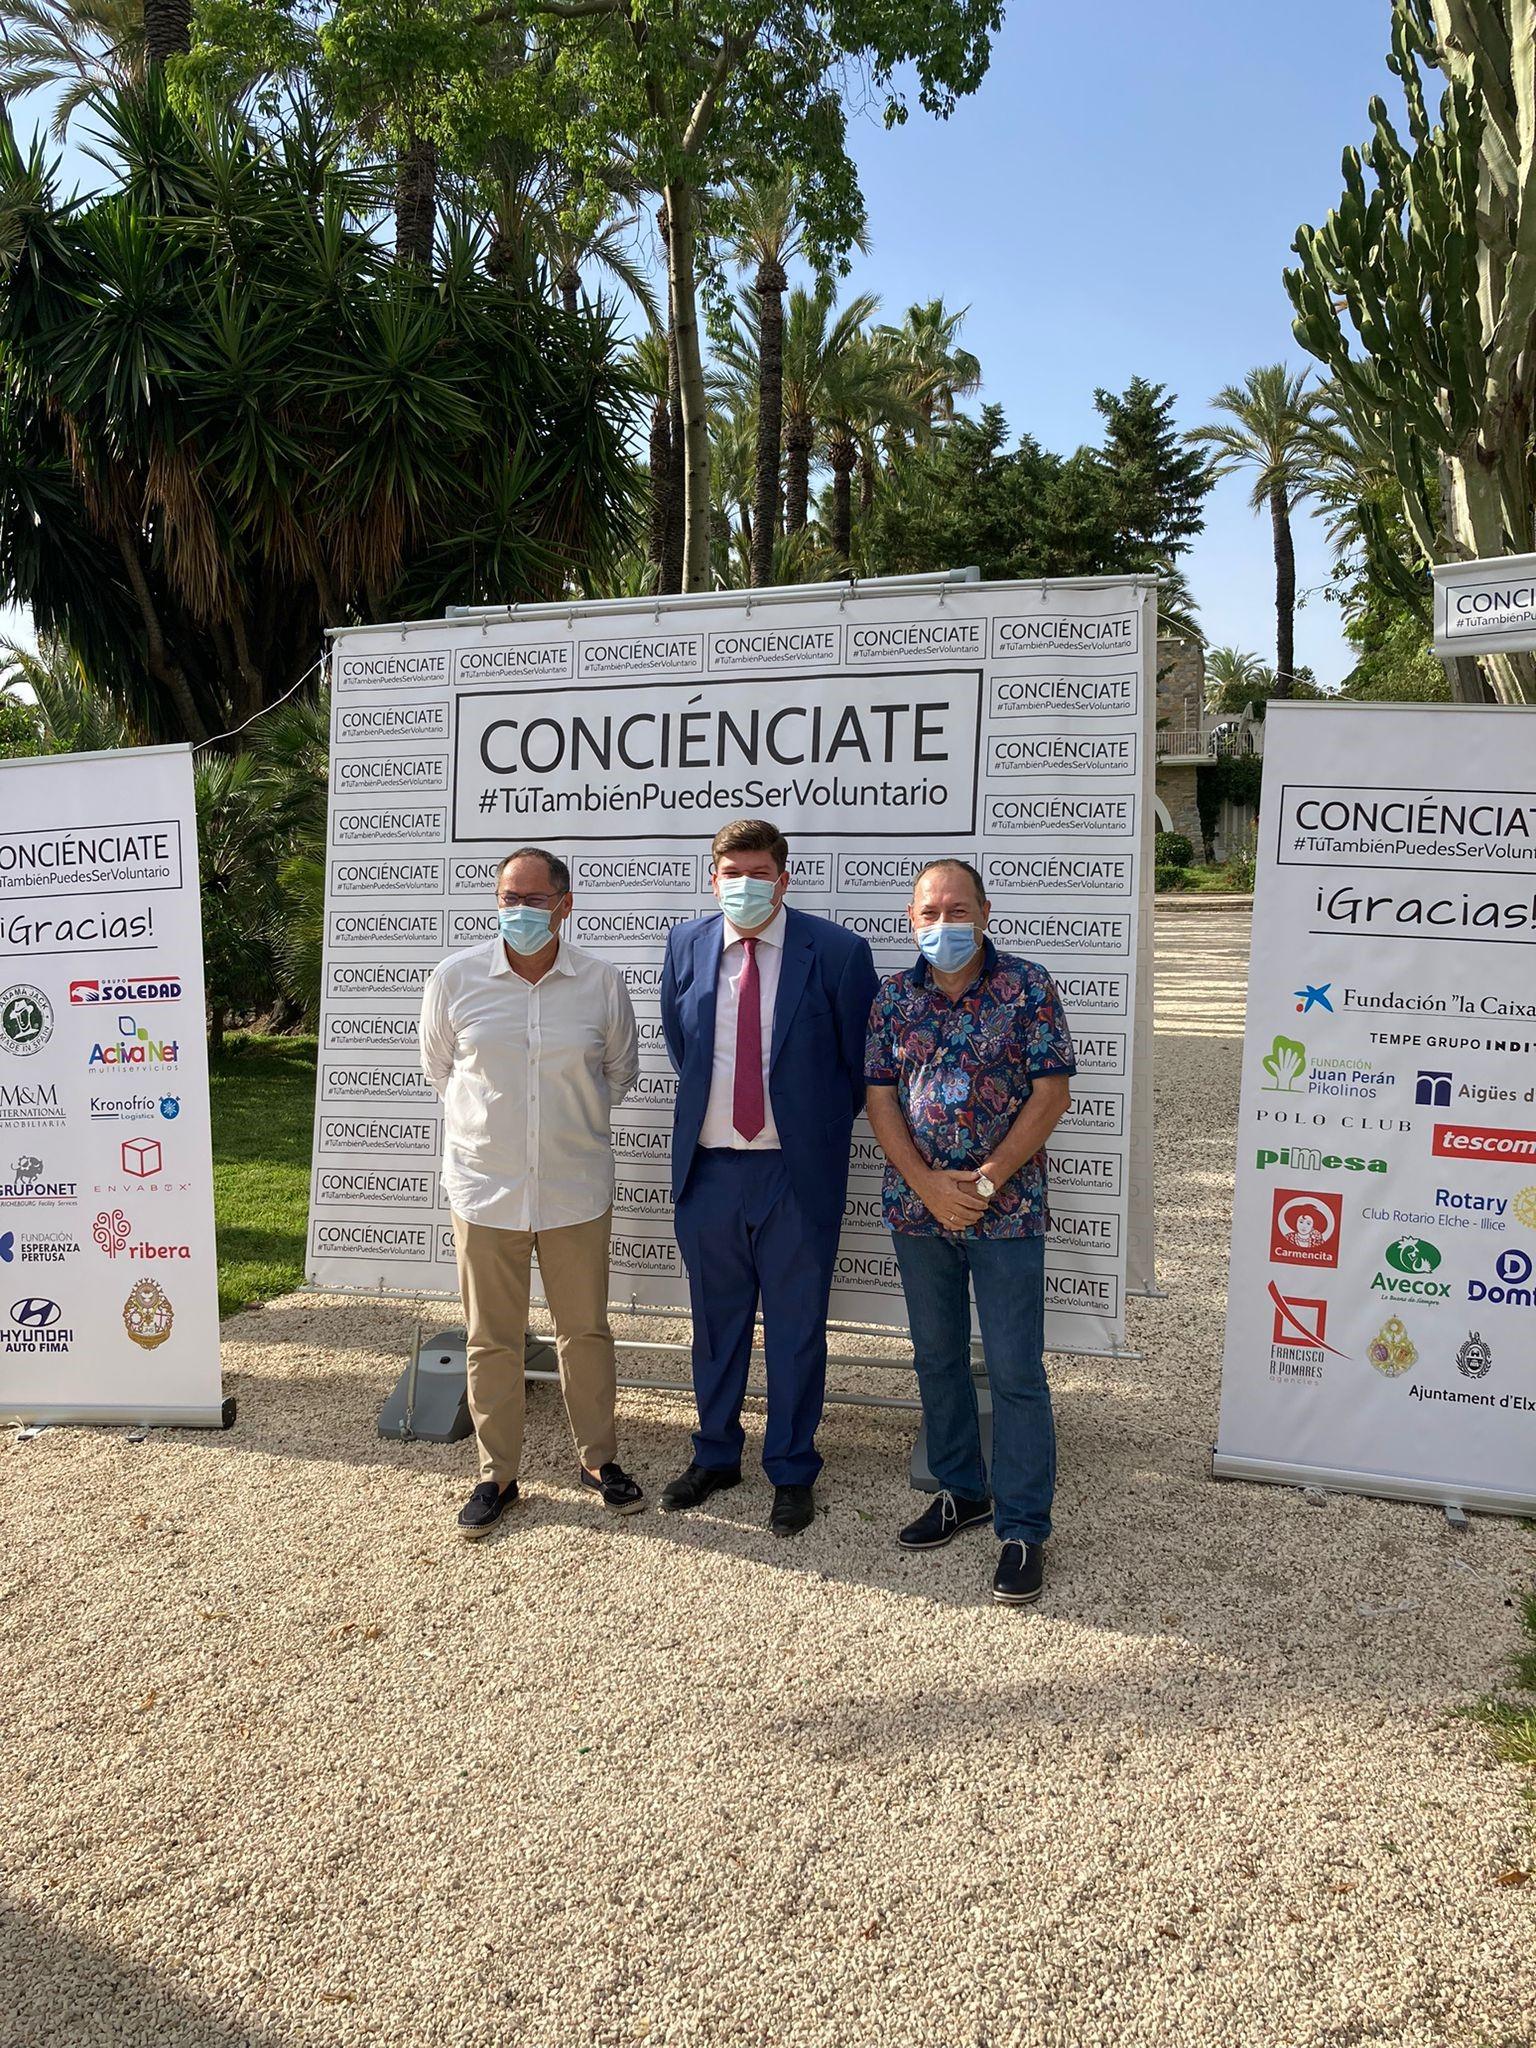 Asociación cionciénciate fundaxión juan perán - pikolinos